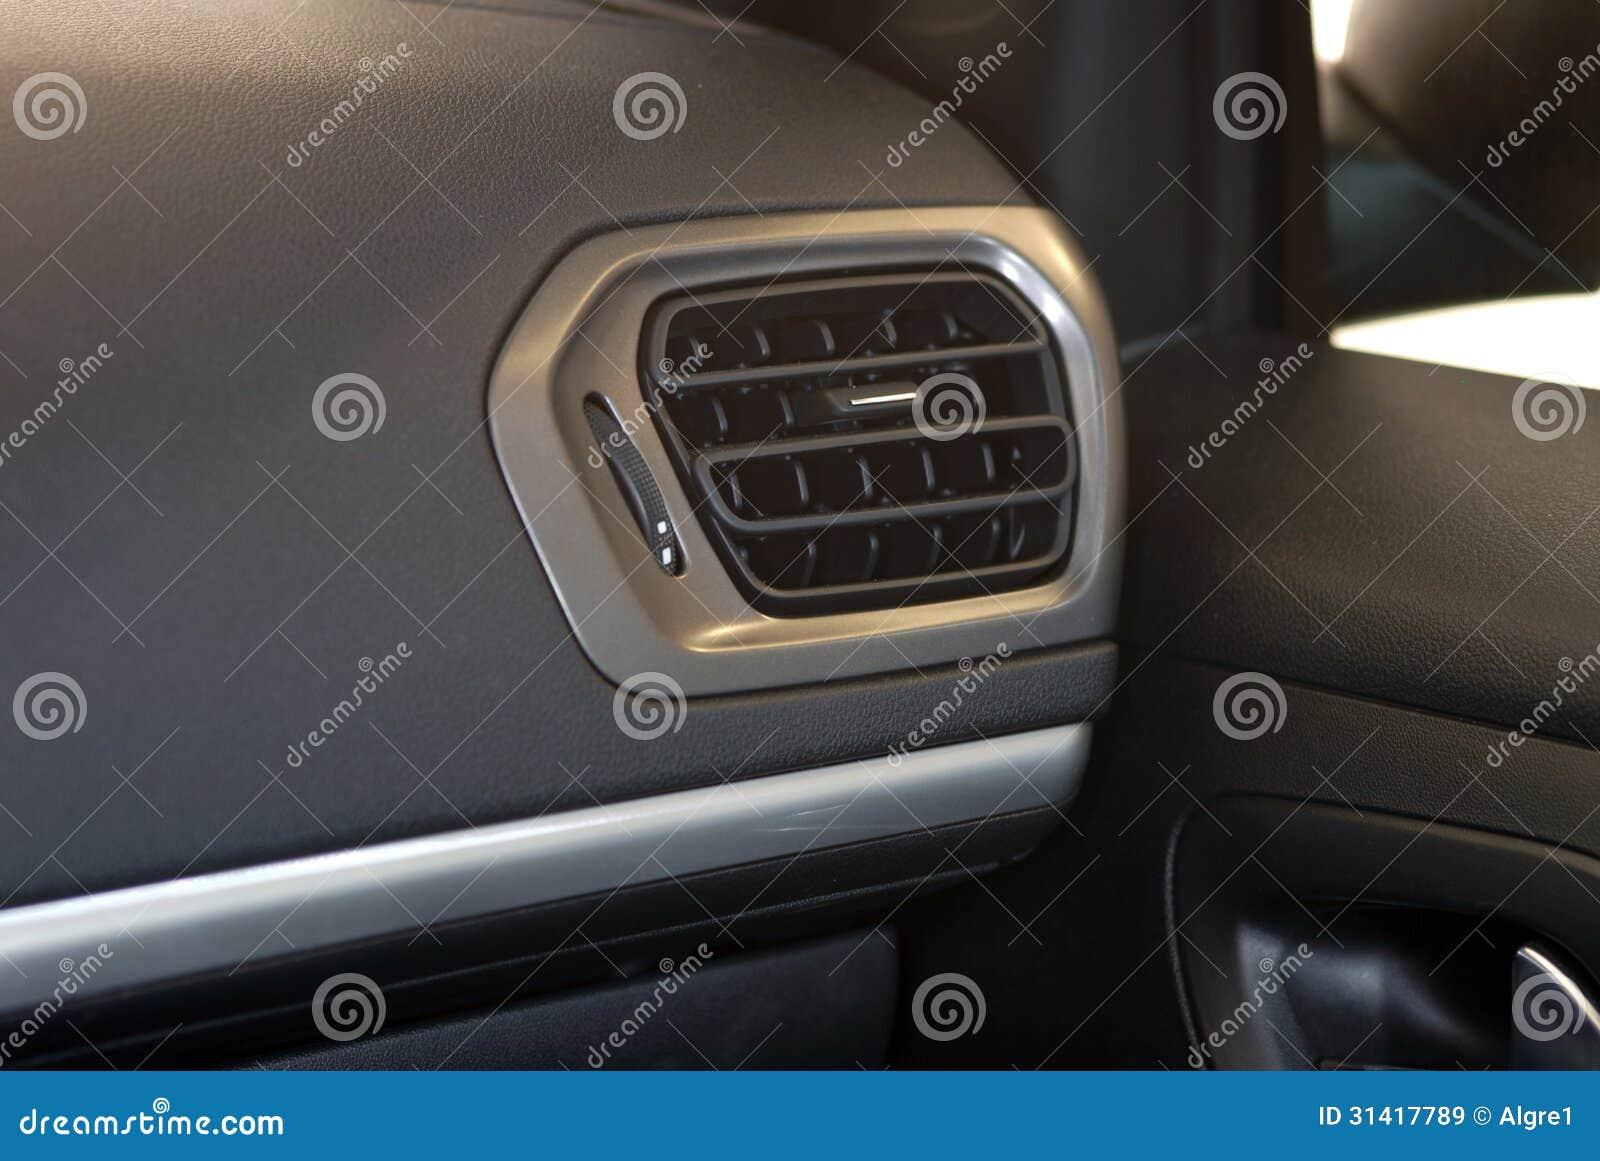 Car vent